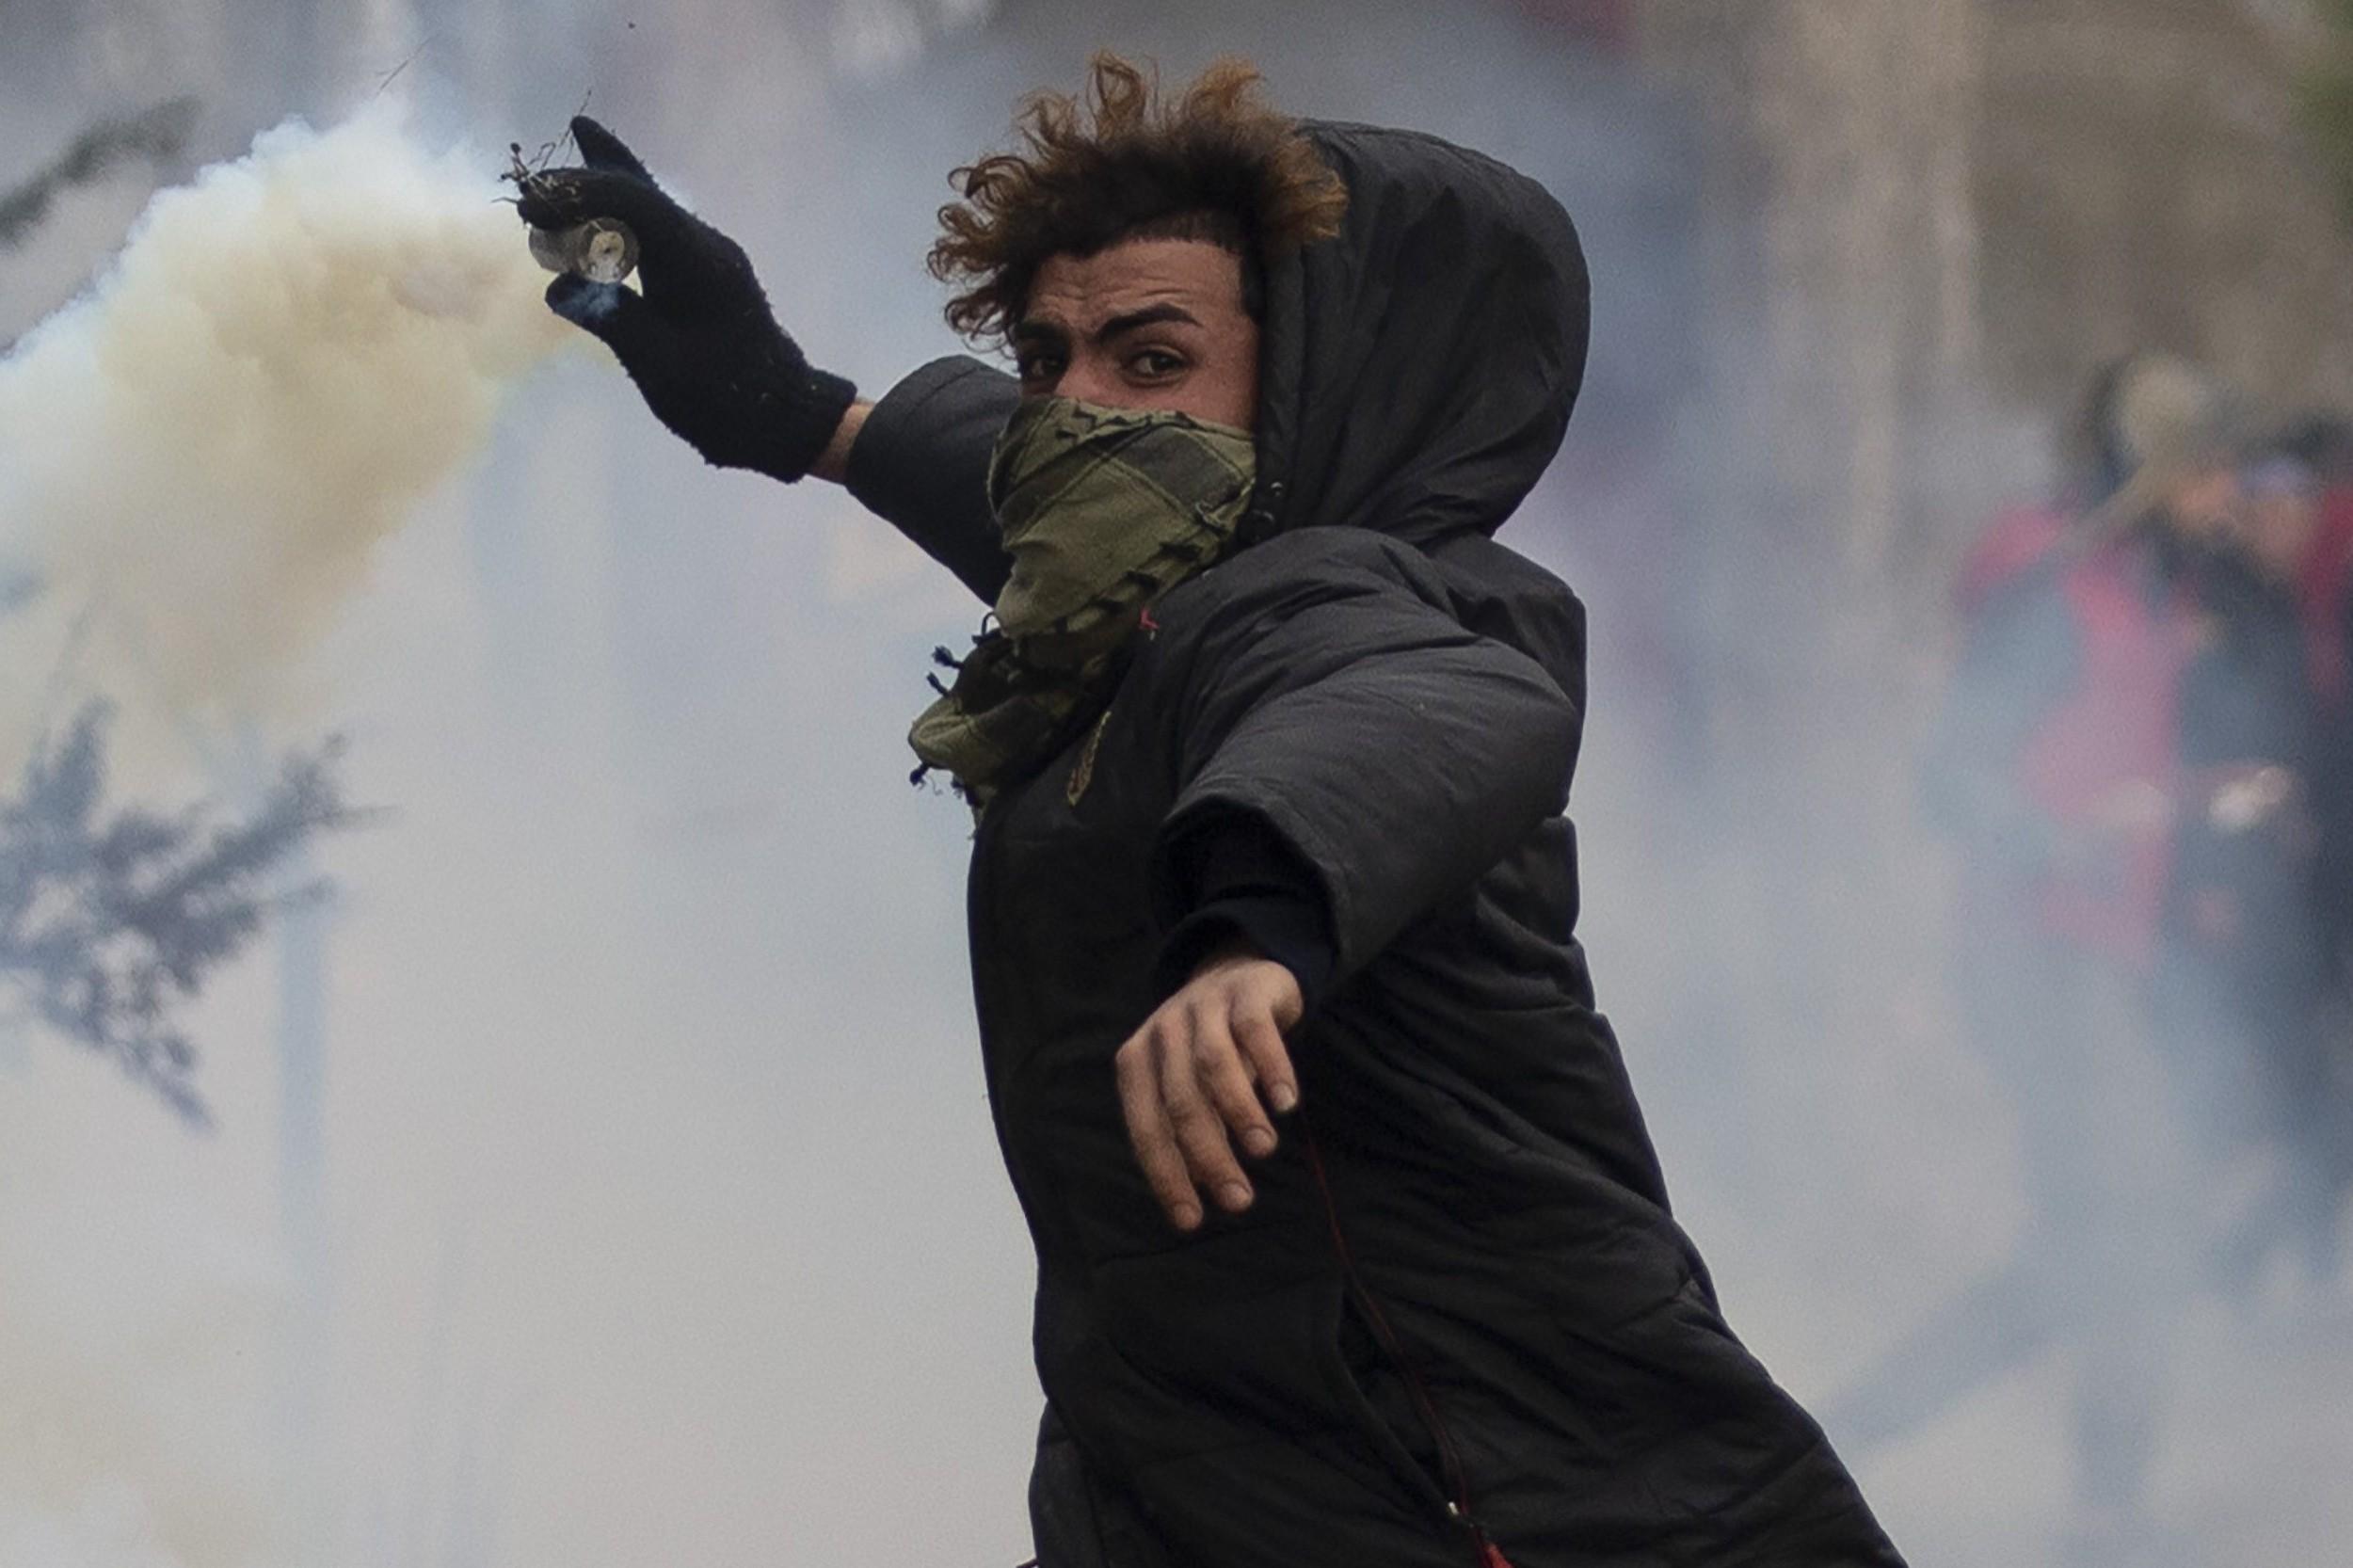 Један од миграната на грчко-турској граници покушава да пробије заштитну ограду (Фото: Getty Images)